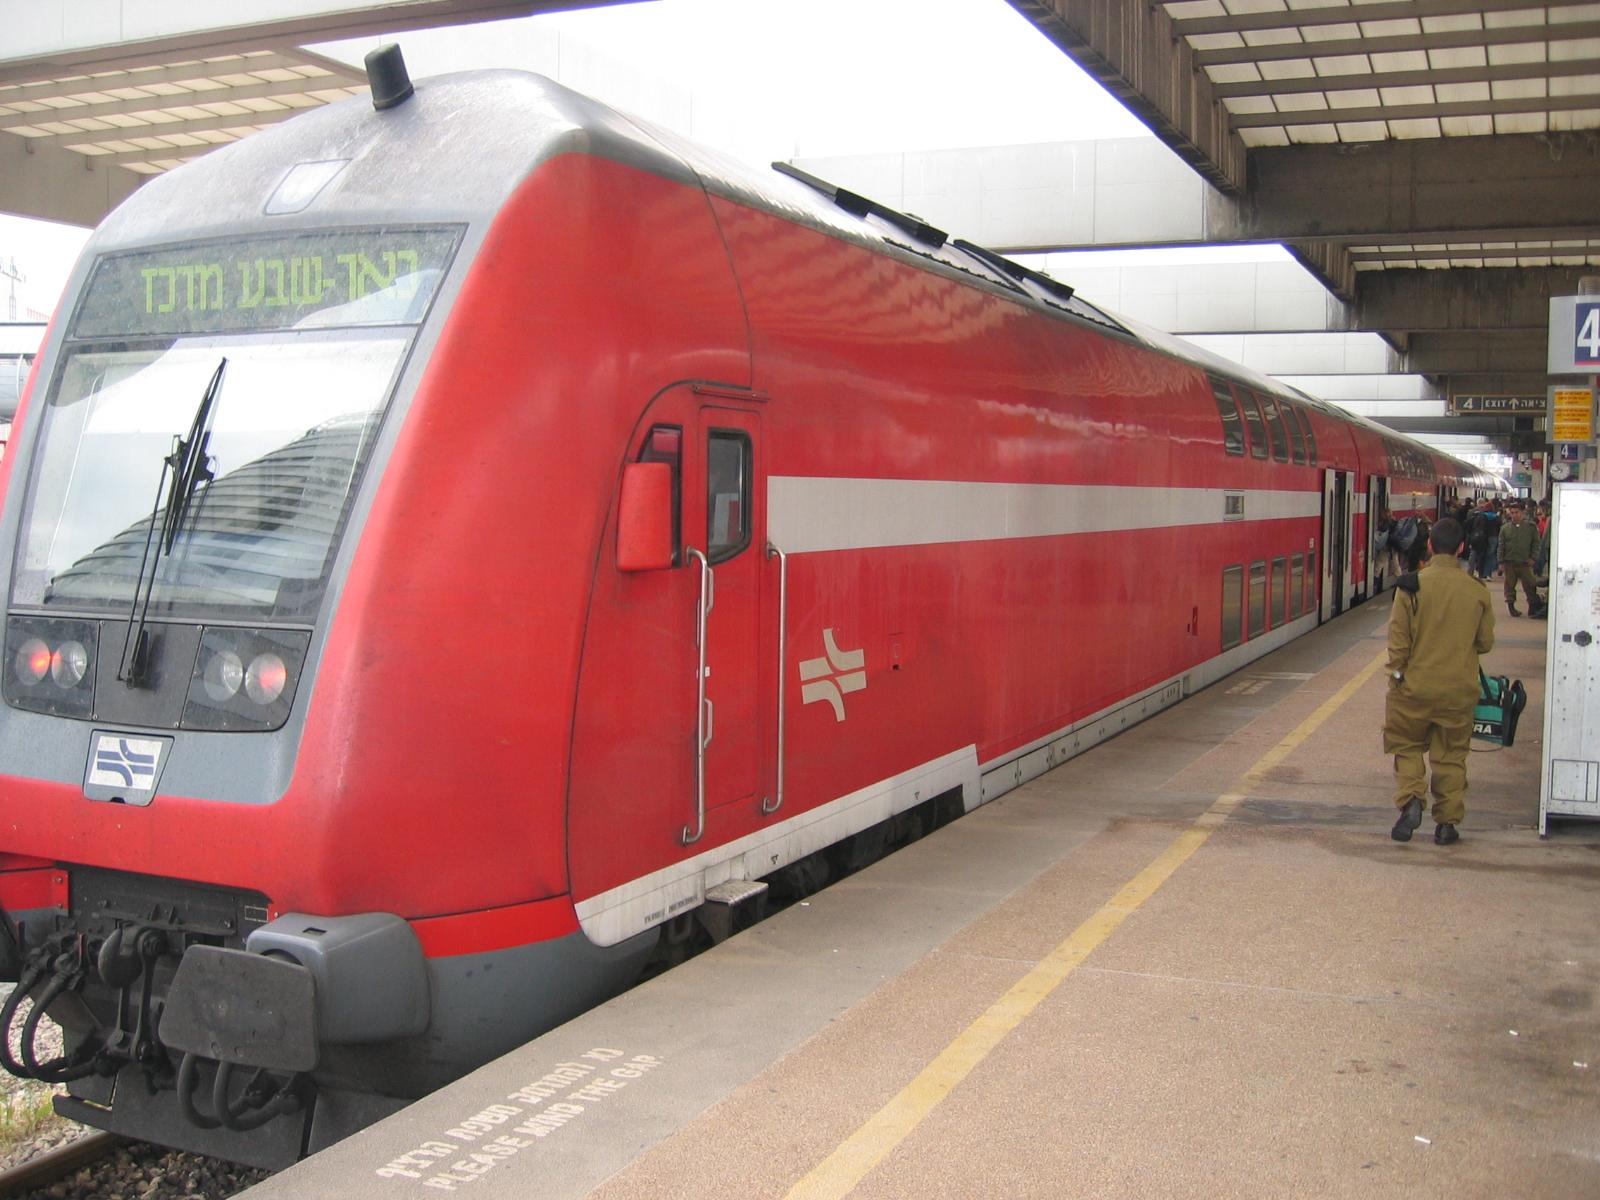 שיבושים קשים של הרכבות באזור תל אביב